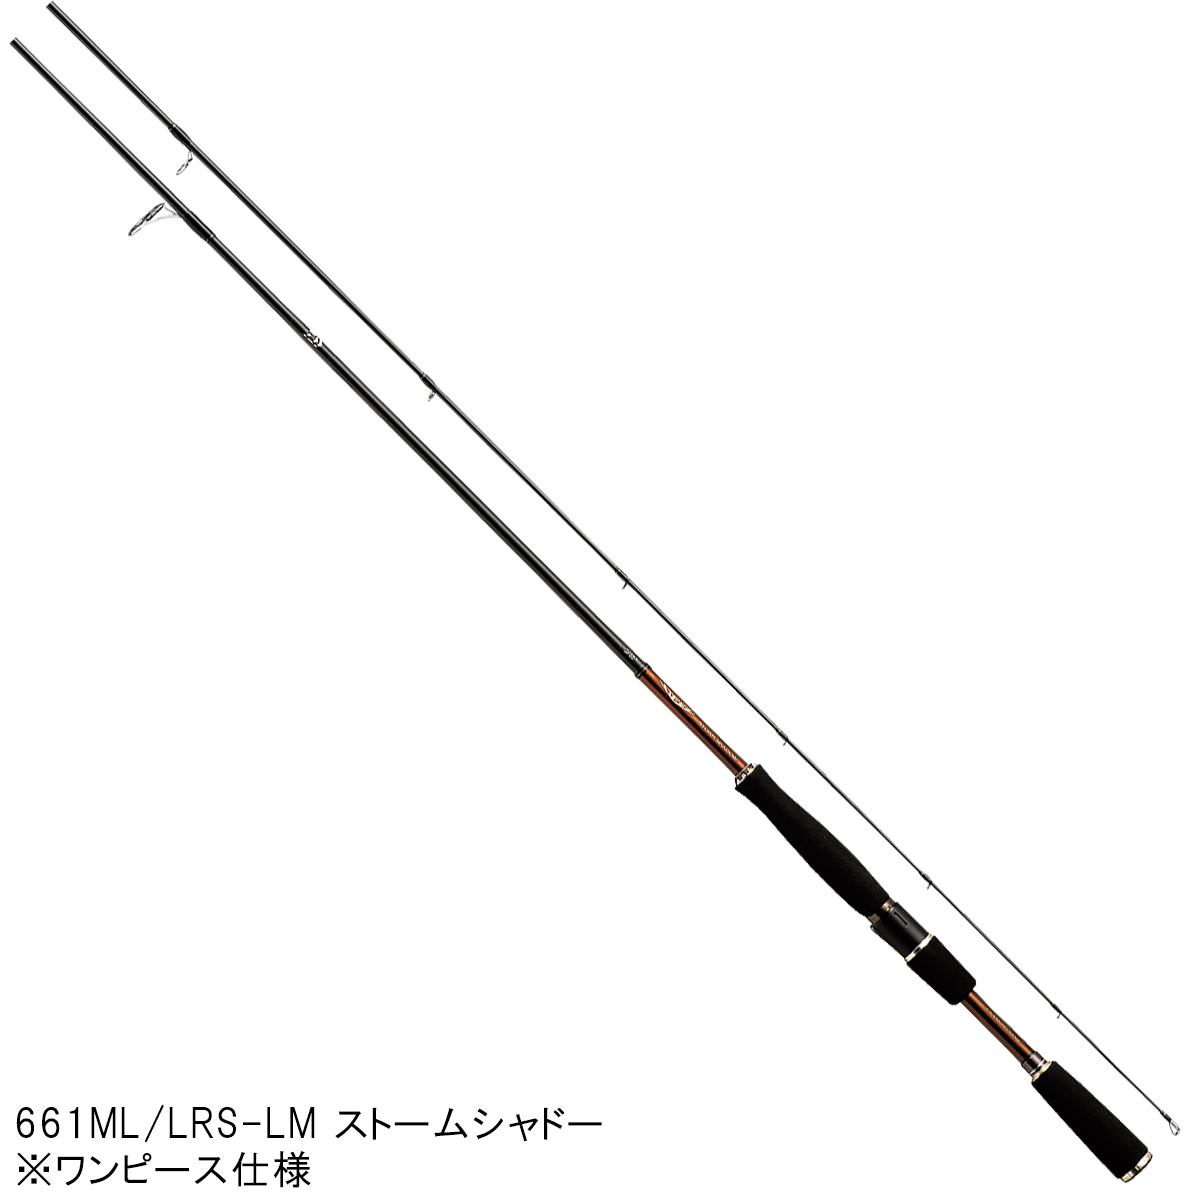 ダイワ スティーズ スピニングモデル 661ML/LRS-LM ストームシャドー【大型商品】